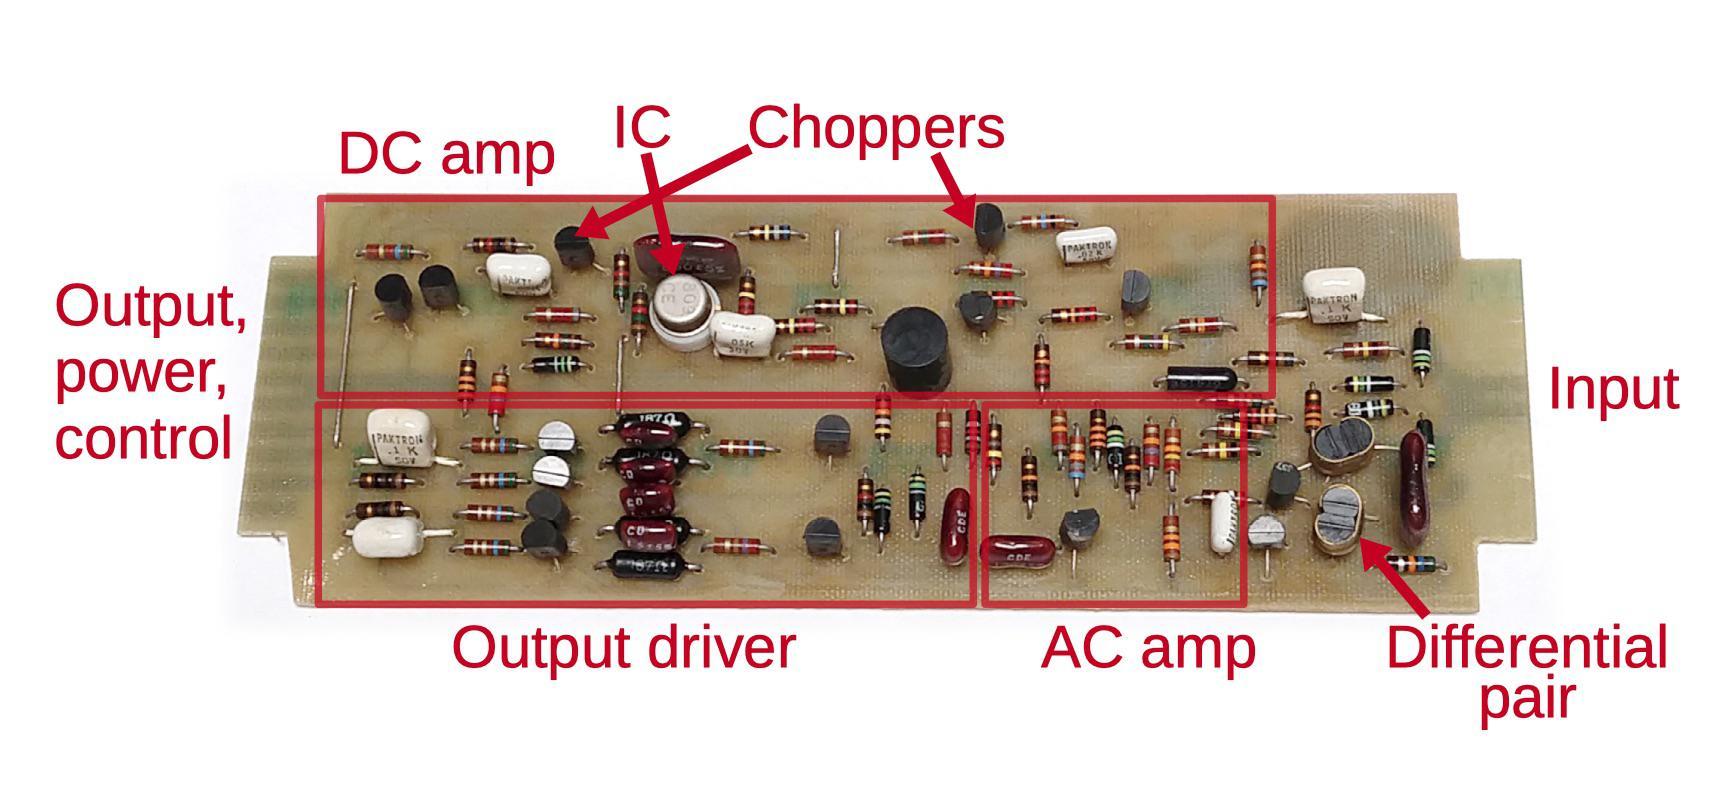 Реверс-инжиниринг малошумящих операционных усилителей из аналогового компьютера 1969 года - 8